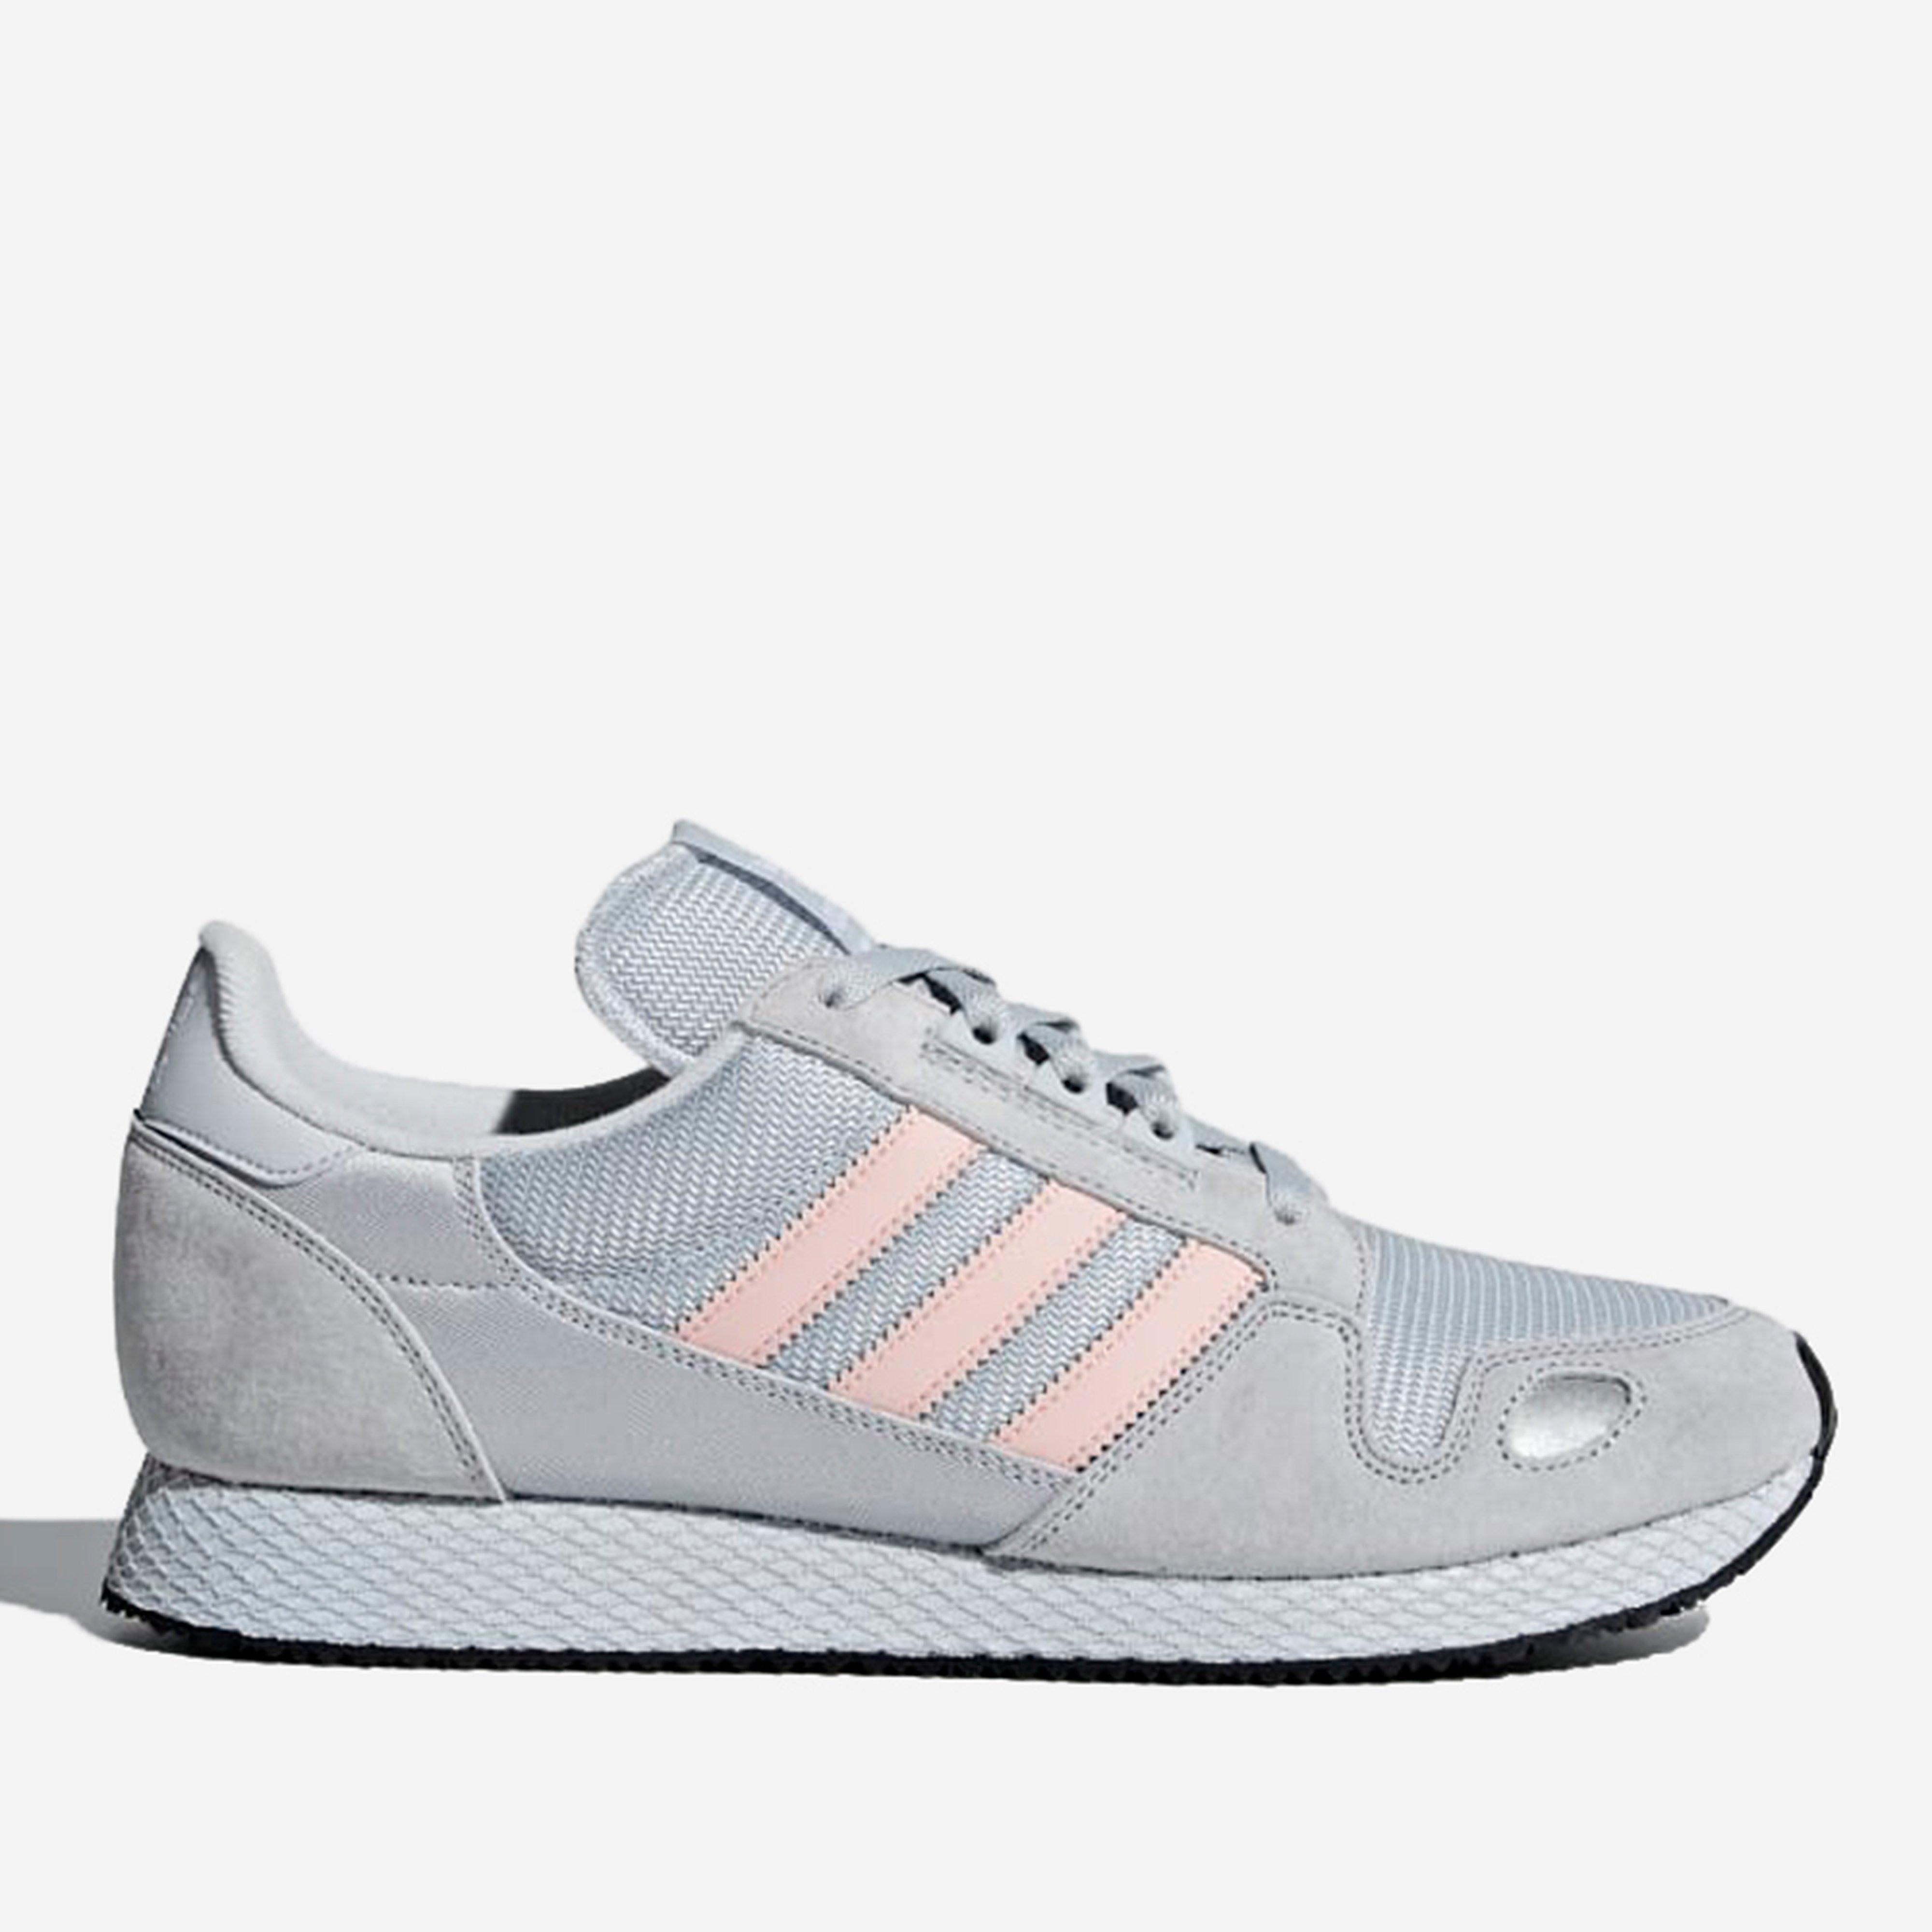 ad45a88b0d8 Adidas Originals Adidas Originals Zx 452 Spzl in Gray for Men - Lyst